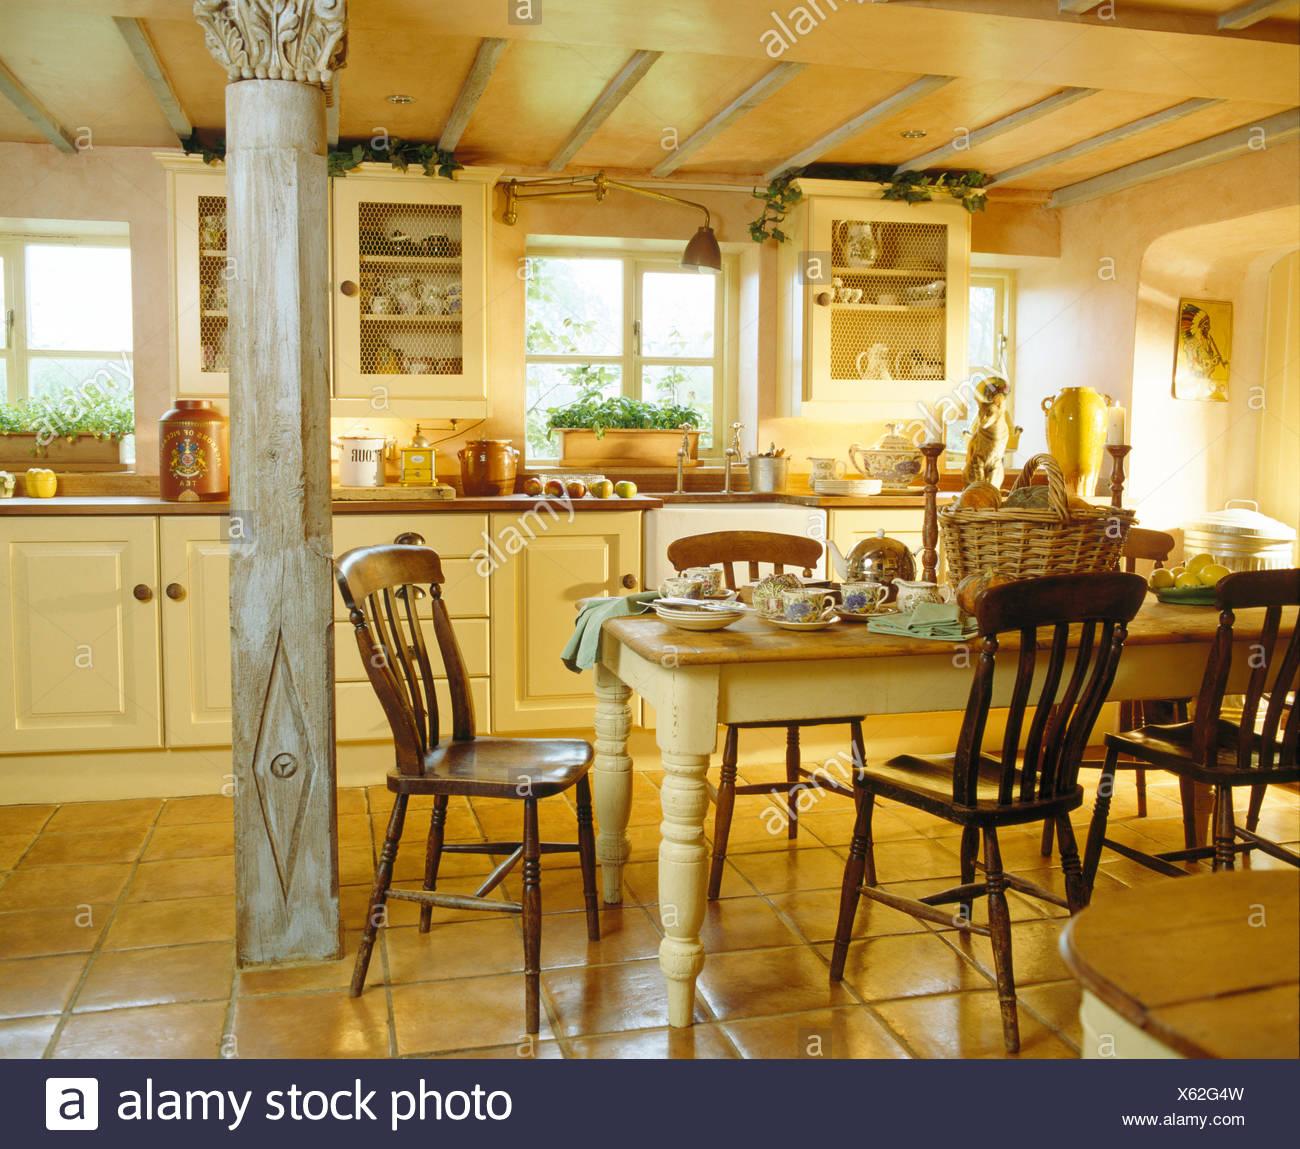 Schön Bauernküche Entwirft Uk Fotos - Küche Set Ideen ...